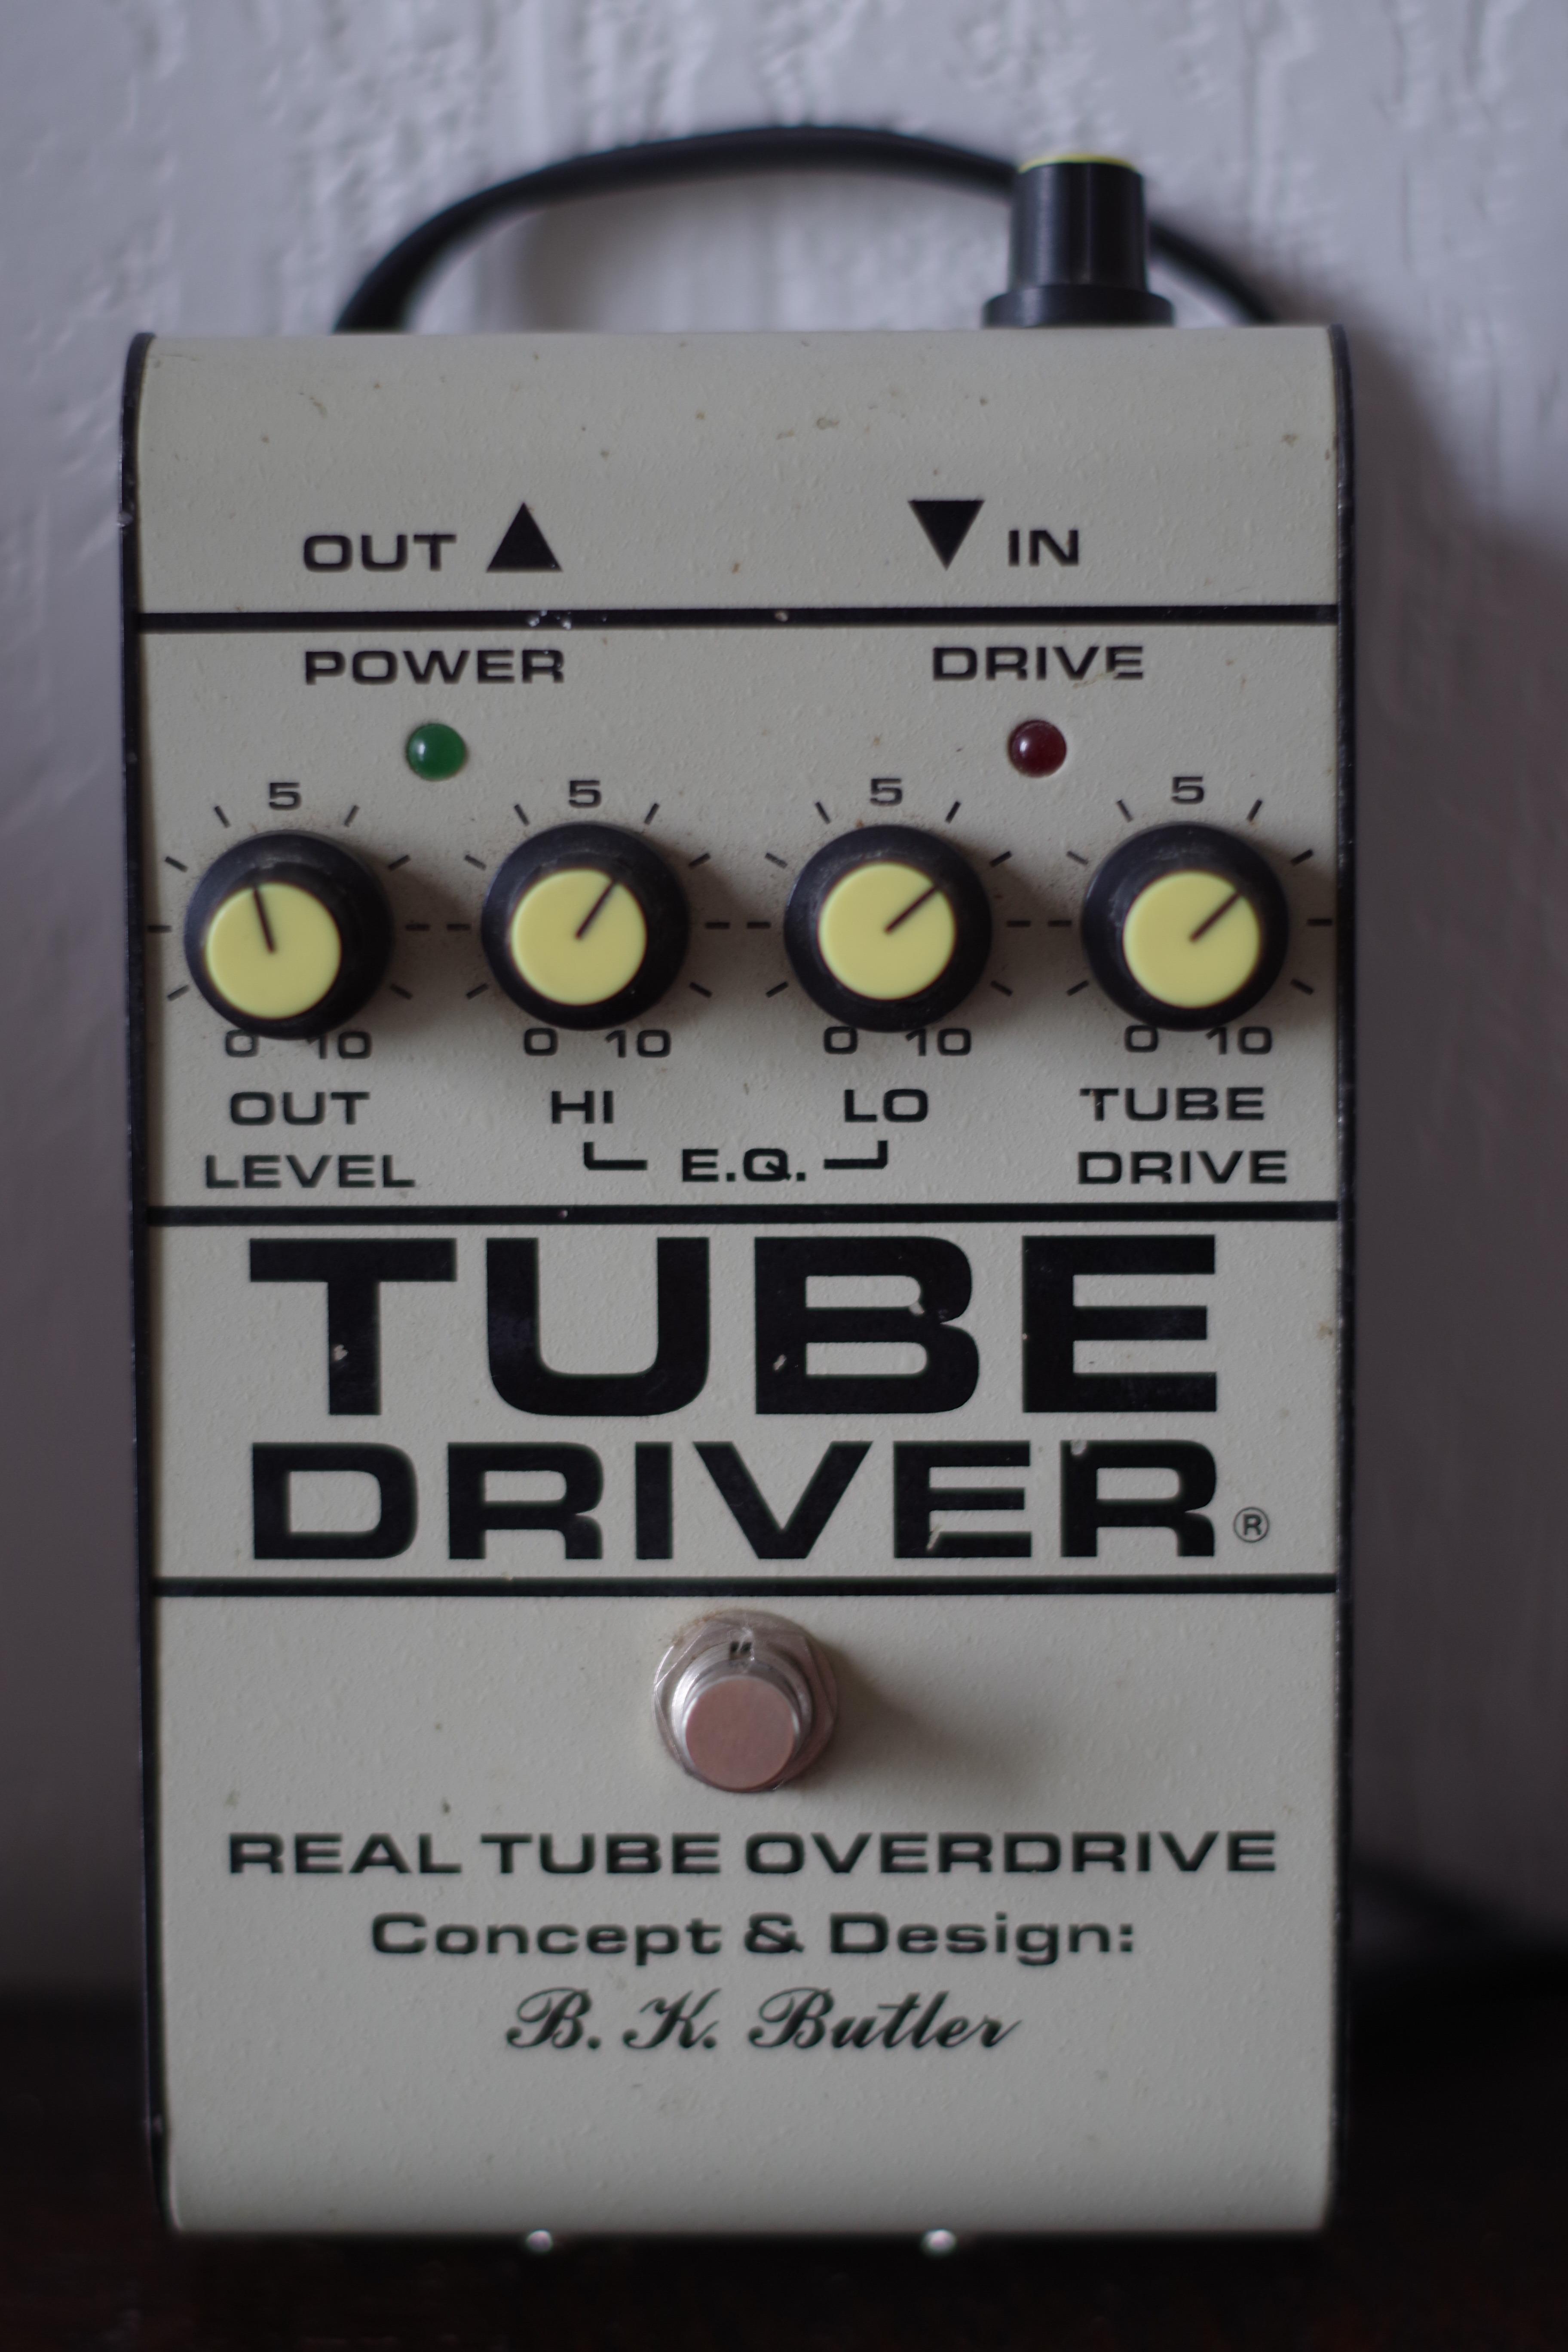 BK Butler Tube Driver image (#1531905) - Audiofanzine